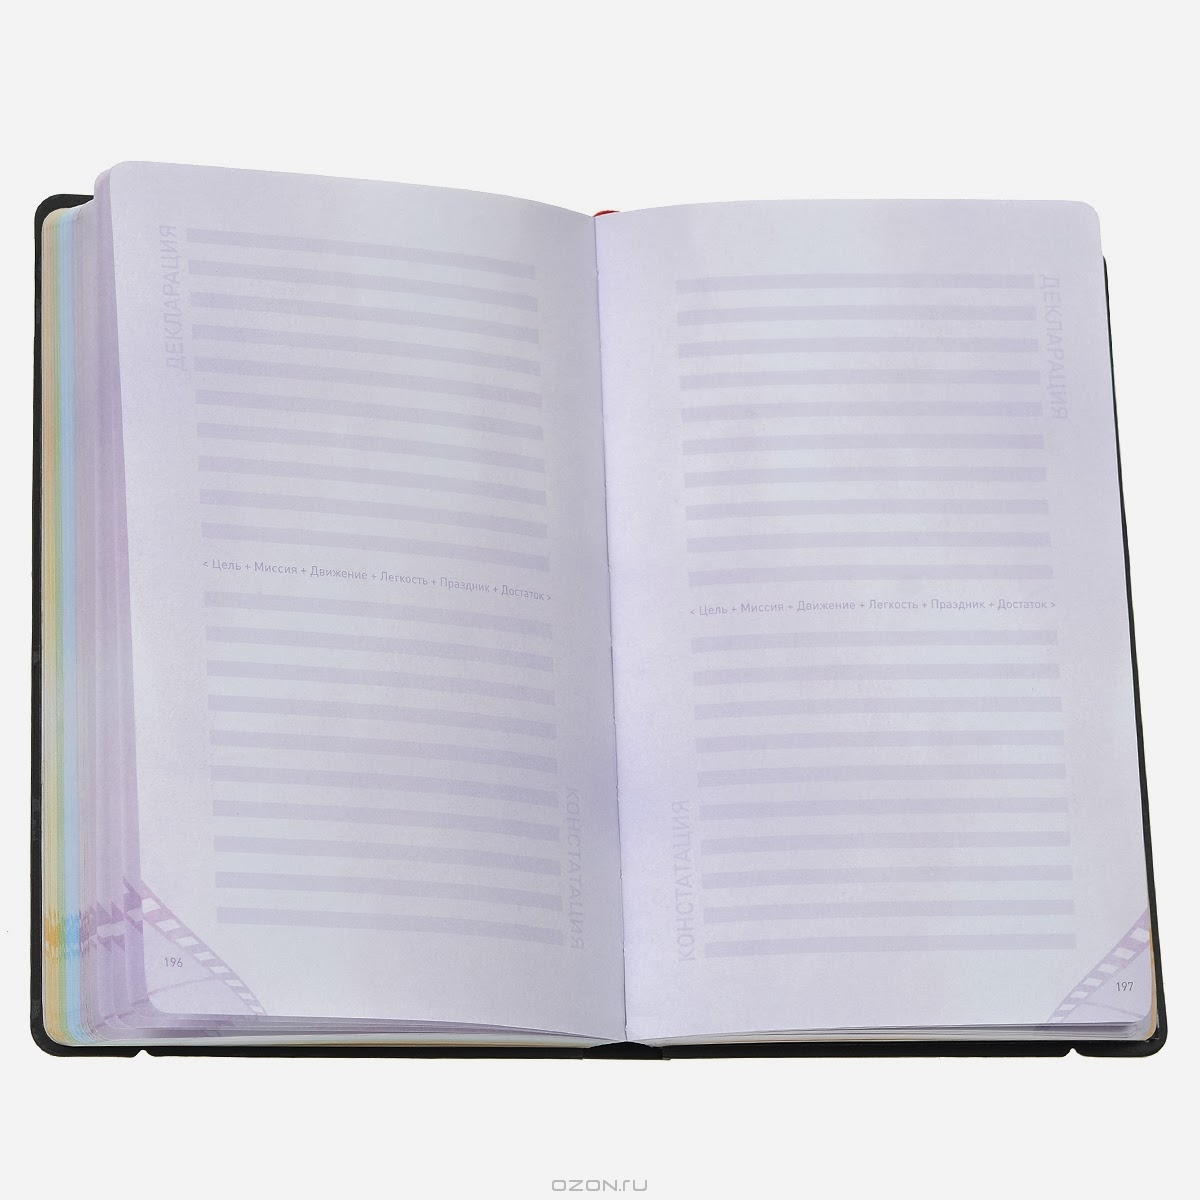 Пушин кэт книга на русском читать